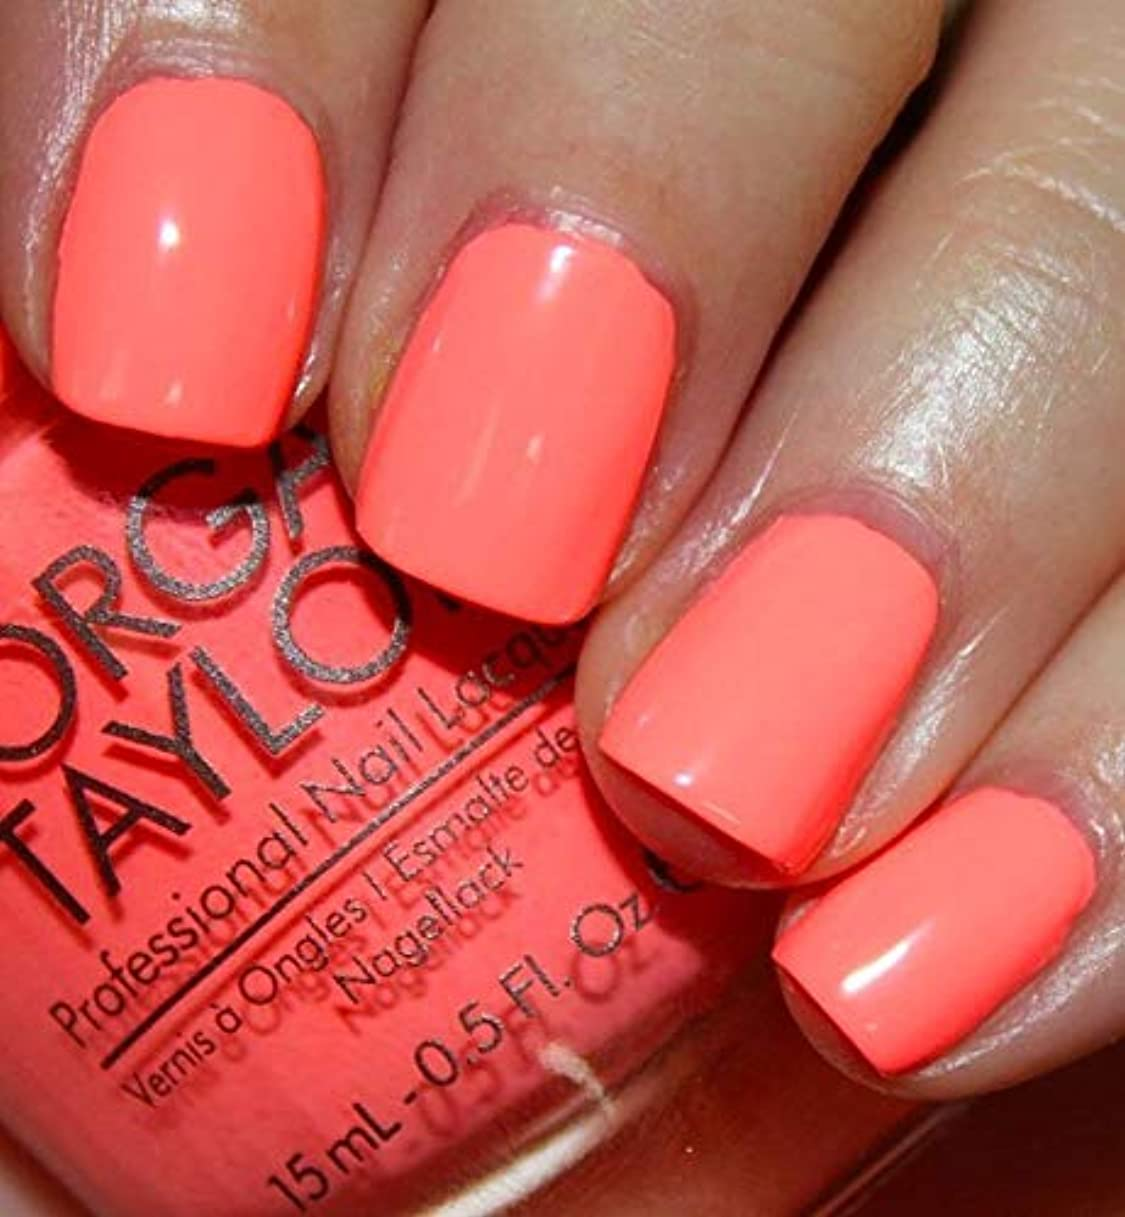 性能繁栄する去るMorgan Taylor - Professional Nail Lacquer - Don't Worry, Be Brilliant - 15 mL / 0.5oz